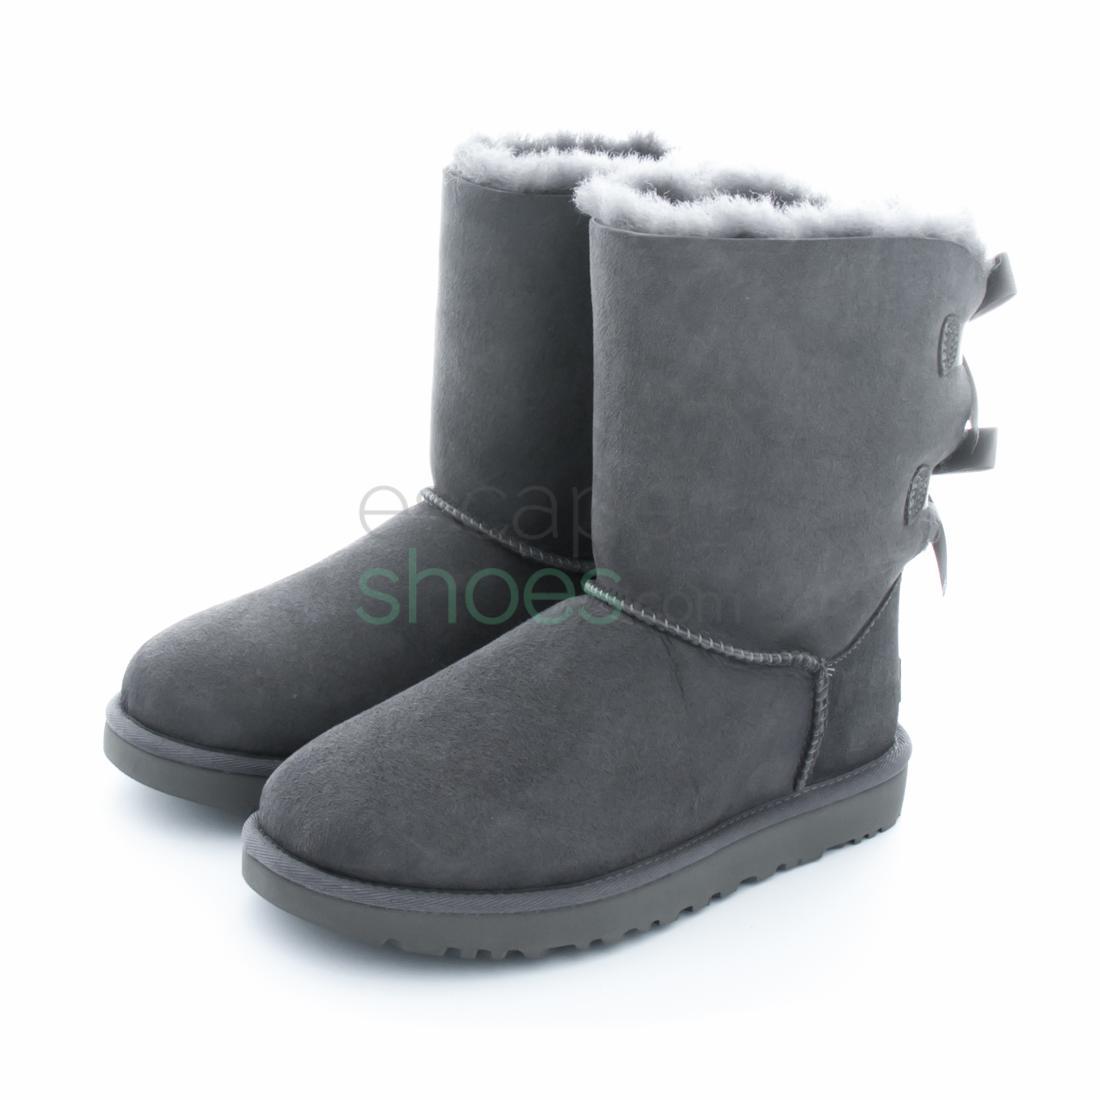 03369191e Buy your Boots UGG Australia Bailey Bow II Grey 1016225 here ...